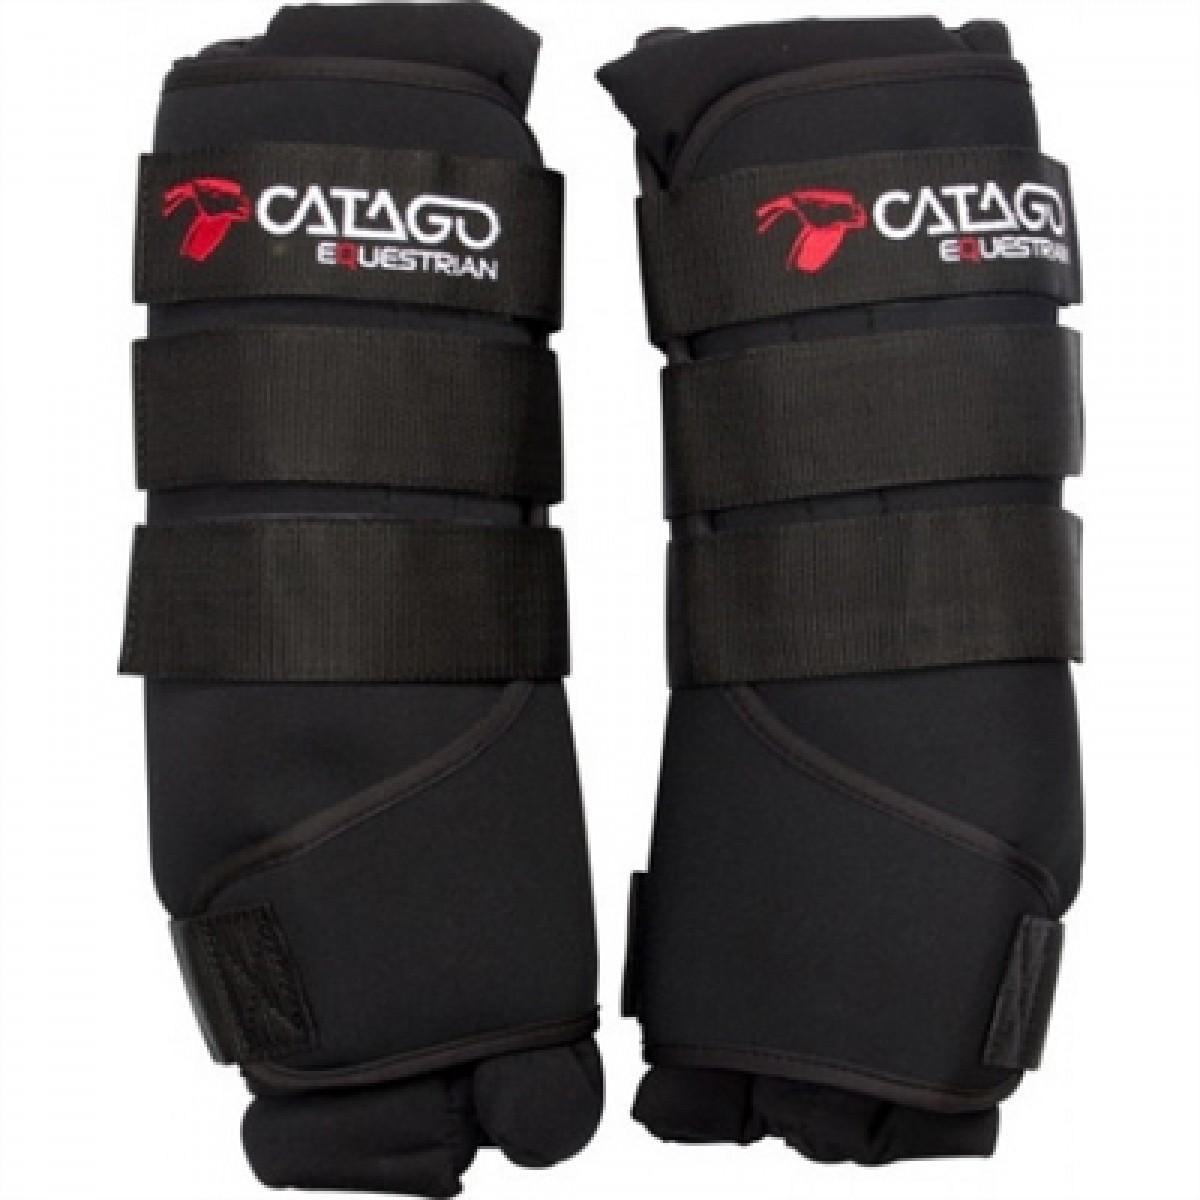 Catago Fir-Tech Staldgamache